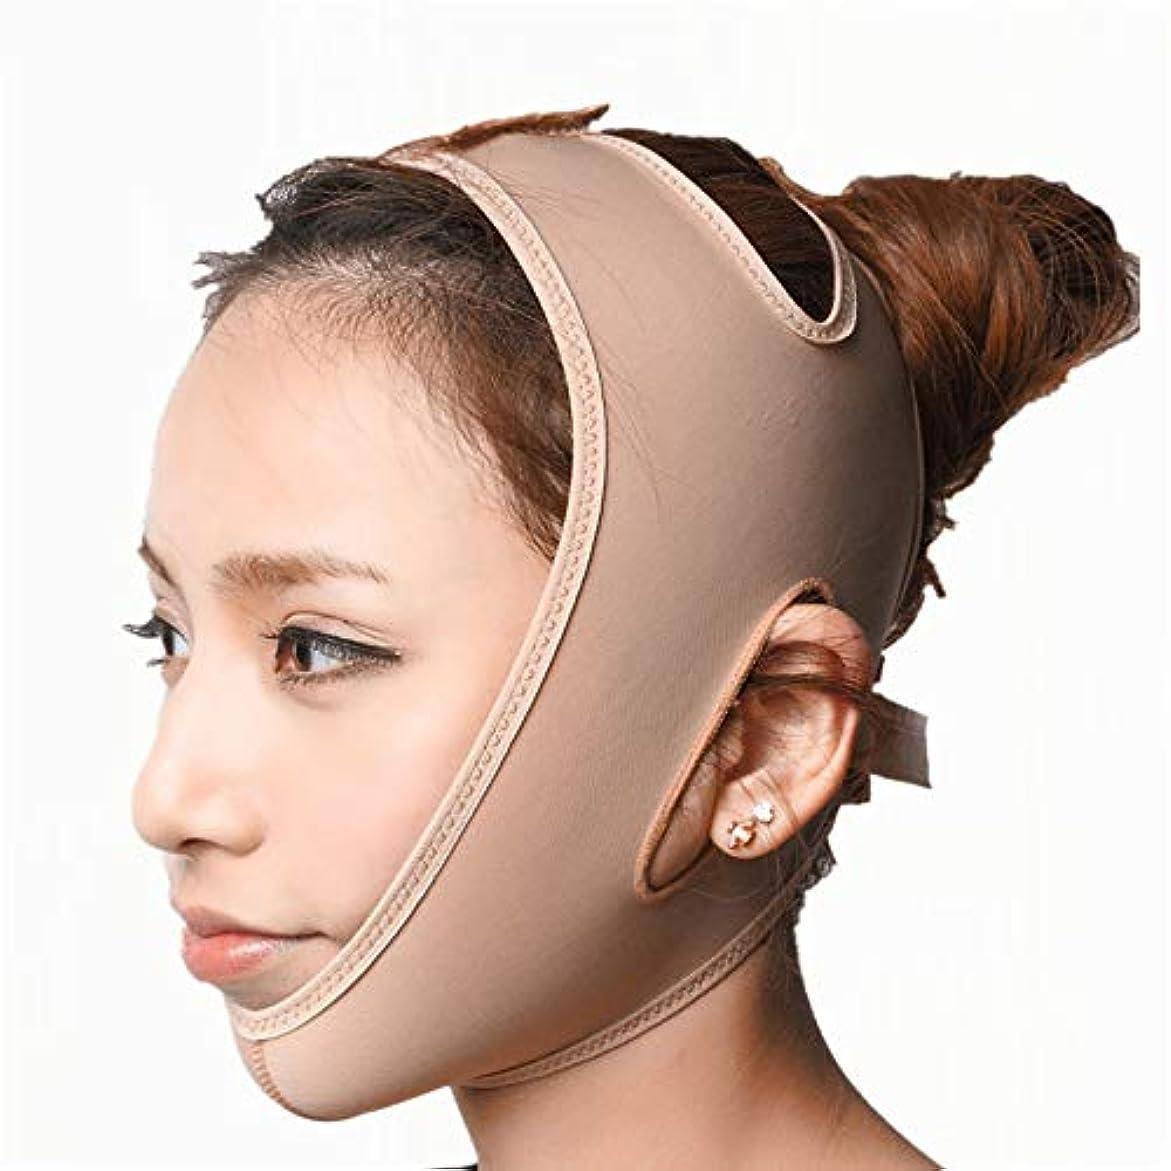 濃度舌なリハーサルXINGZHE 顔の持ち上がる痩身ベルト - アンチエイジングリンクルフェイスマスクベルトシンフェイス包帯整形マスクは顔と首を締めますフェイススリム フェイスリフティングベルト (サイズ さいず : XL)